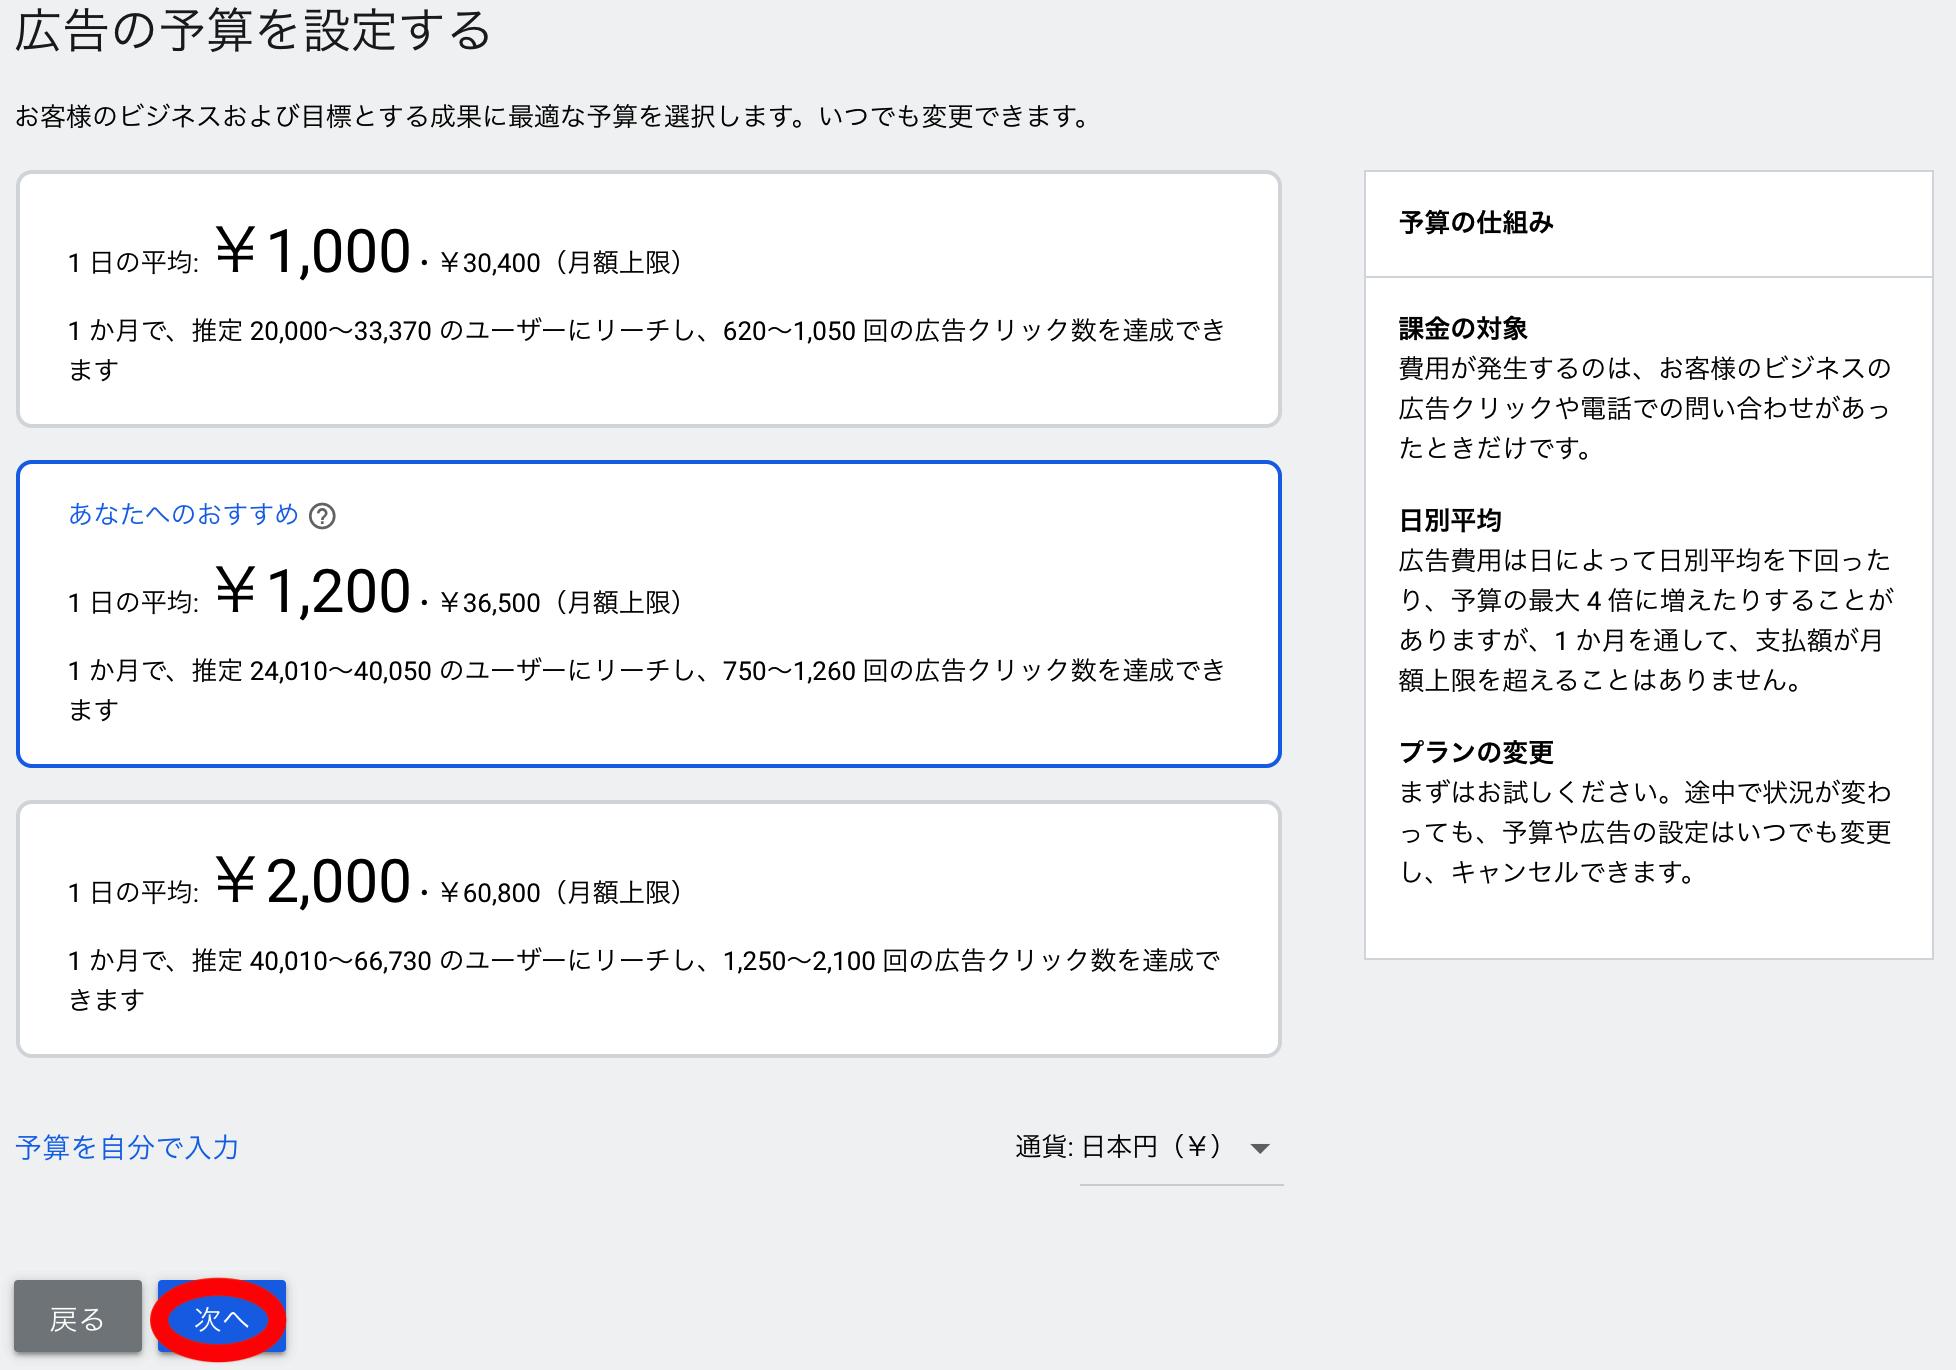 キーワードプランナー予算設定画面